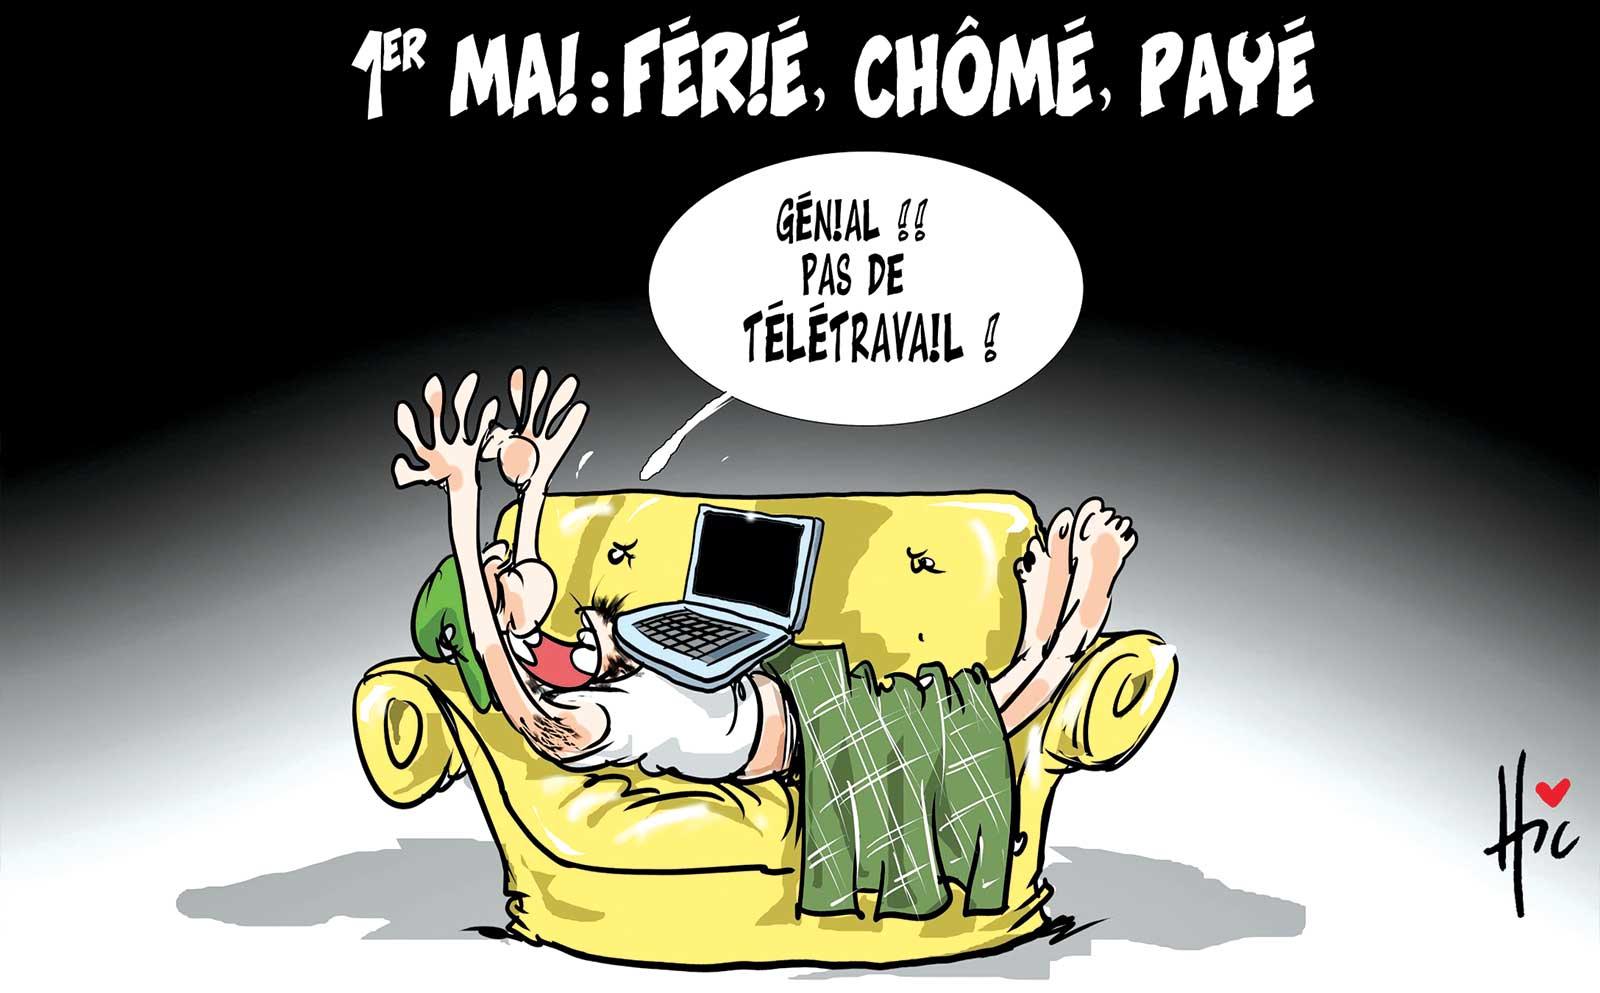 1er Mai férié chômé payé : Pas de télétravail - Dessins et Caricatures, Le Hic - El Watan - Gagdz.com